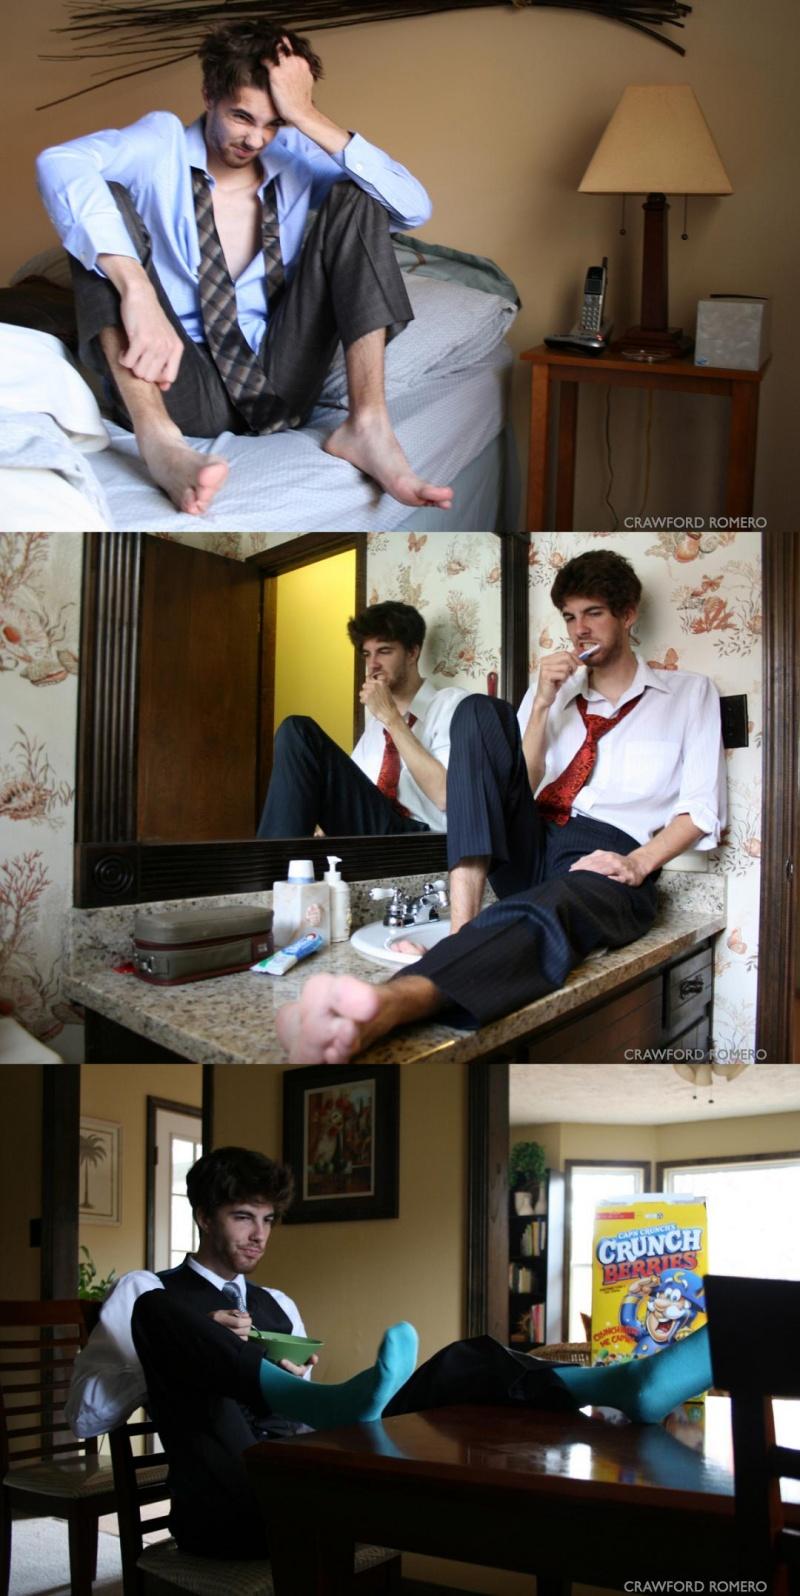 Atlanta Jan 31, 2009 &copy Crawford Romero  At Home With... Michael